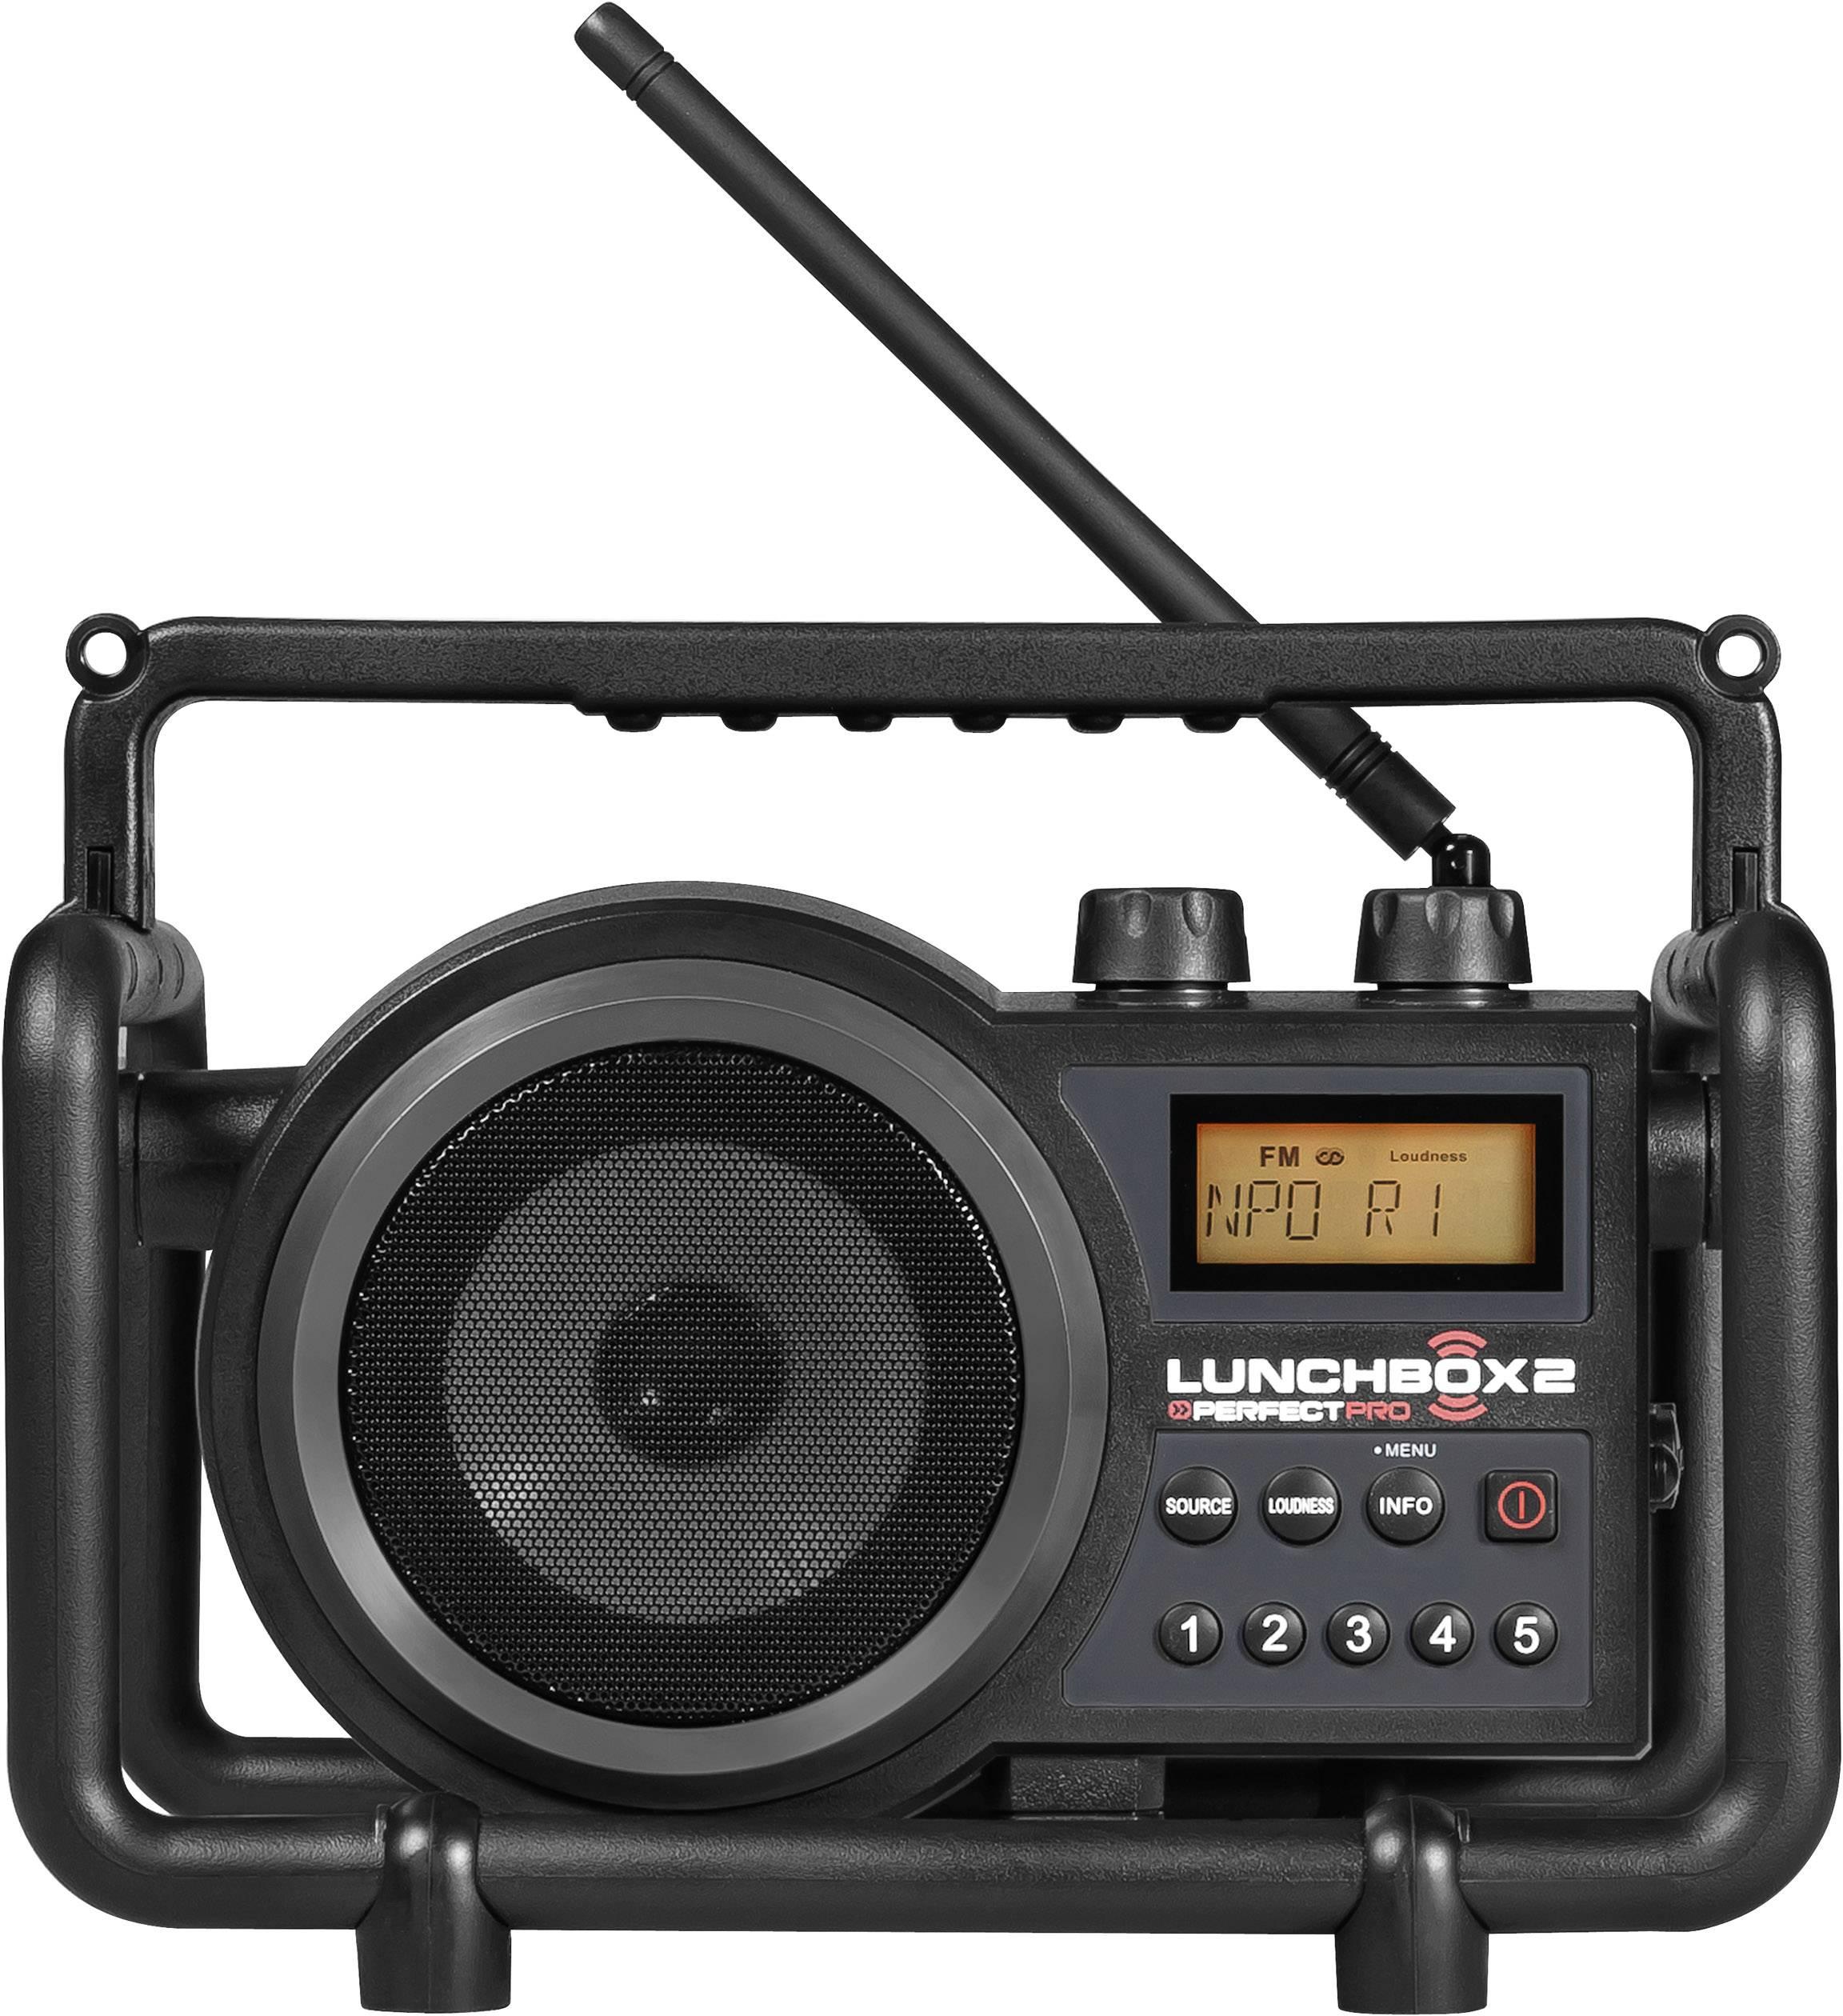 FM outdoorové rádio PerfectPro Lunchbox 2, AUX, SV, FM, černá